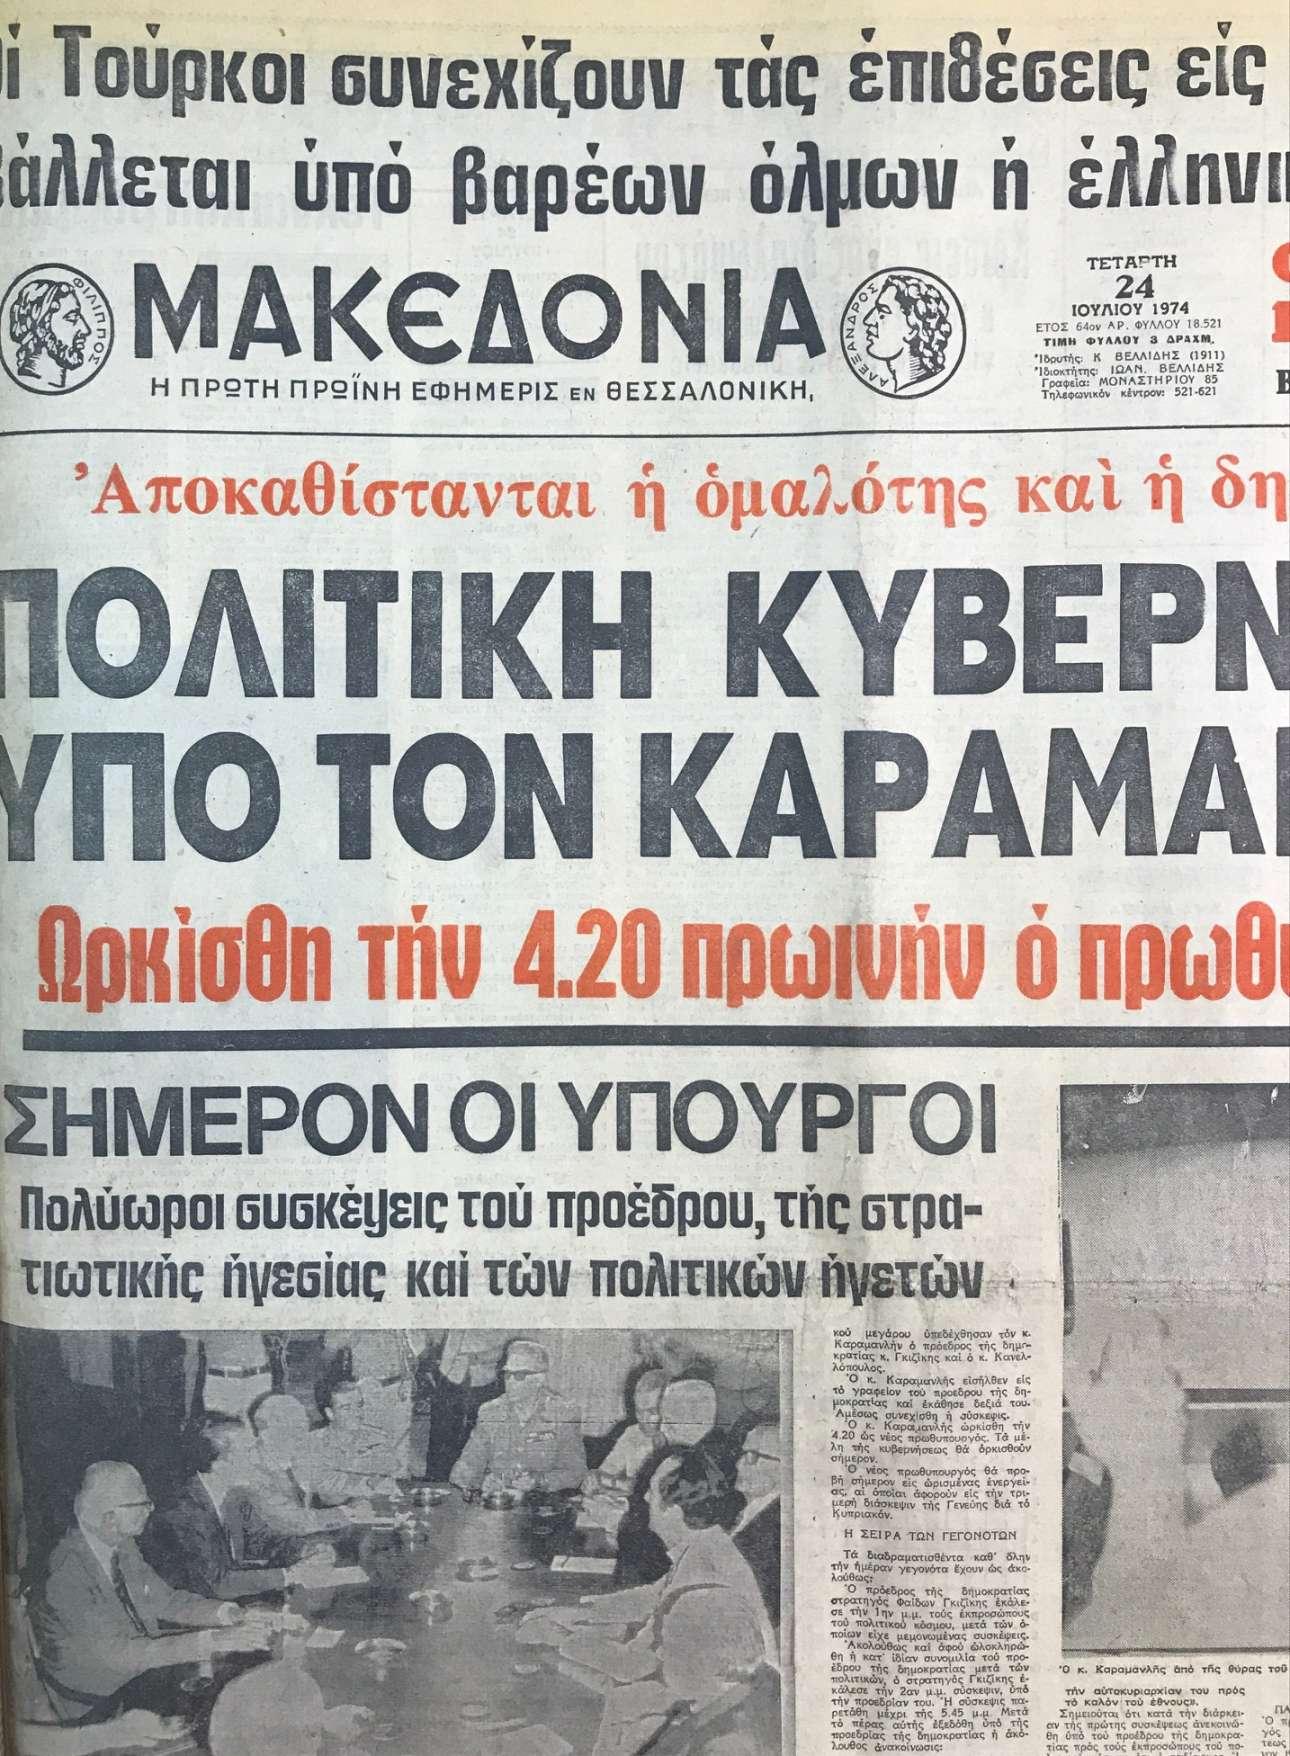 Η «Μακεδονία» της 24ης Ιουλίου 1974